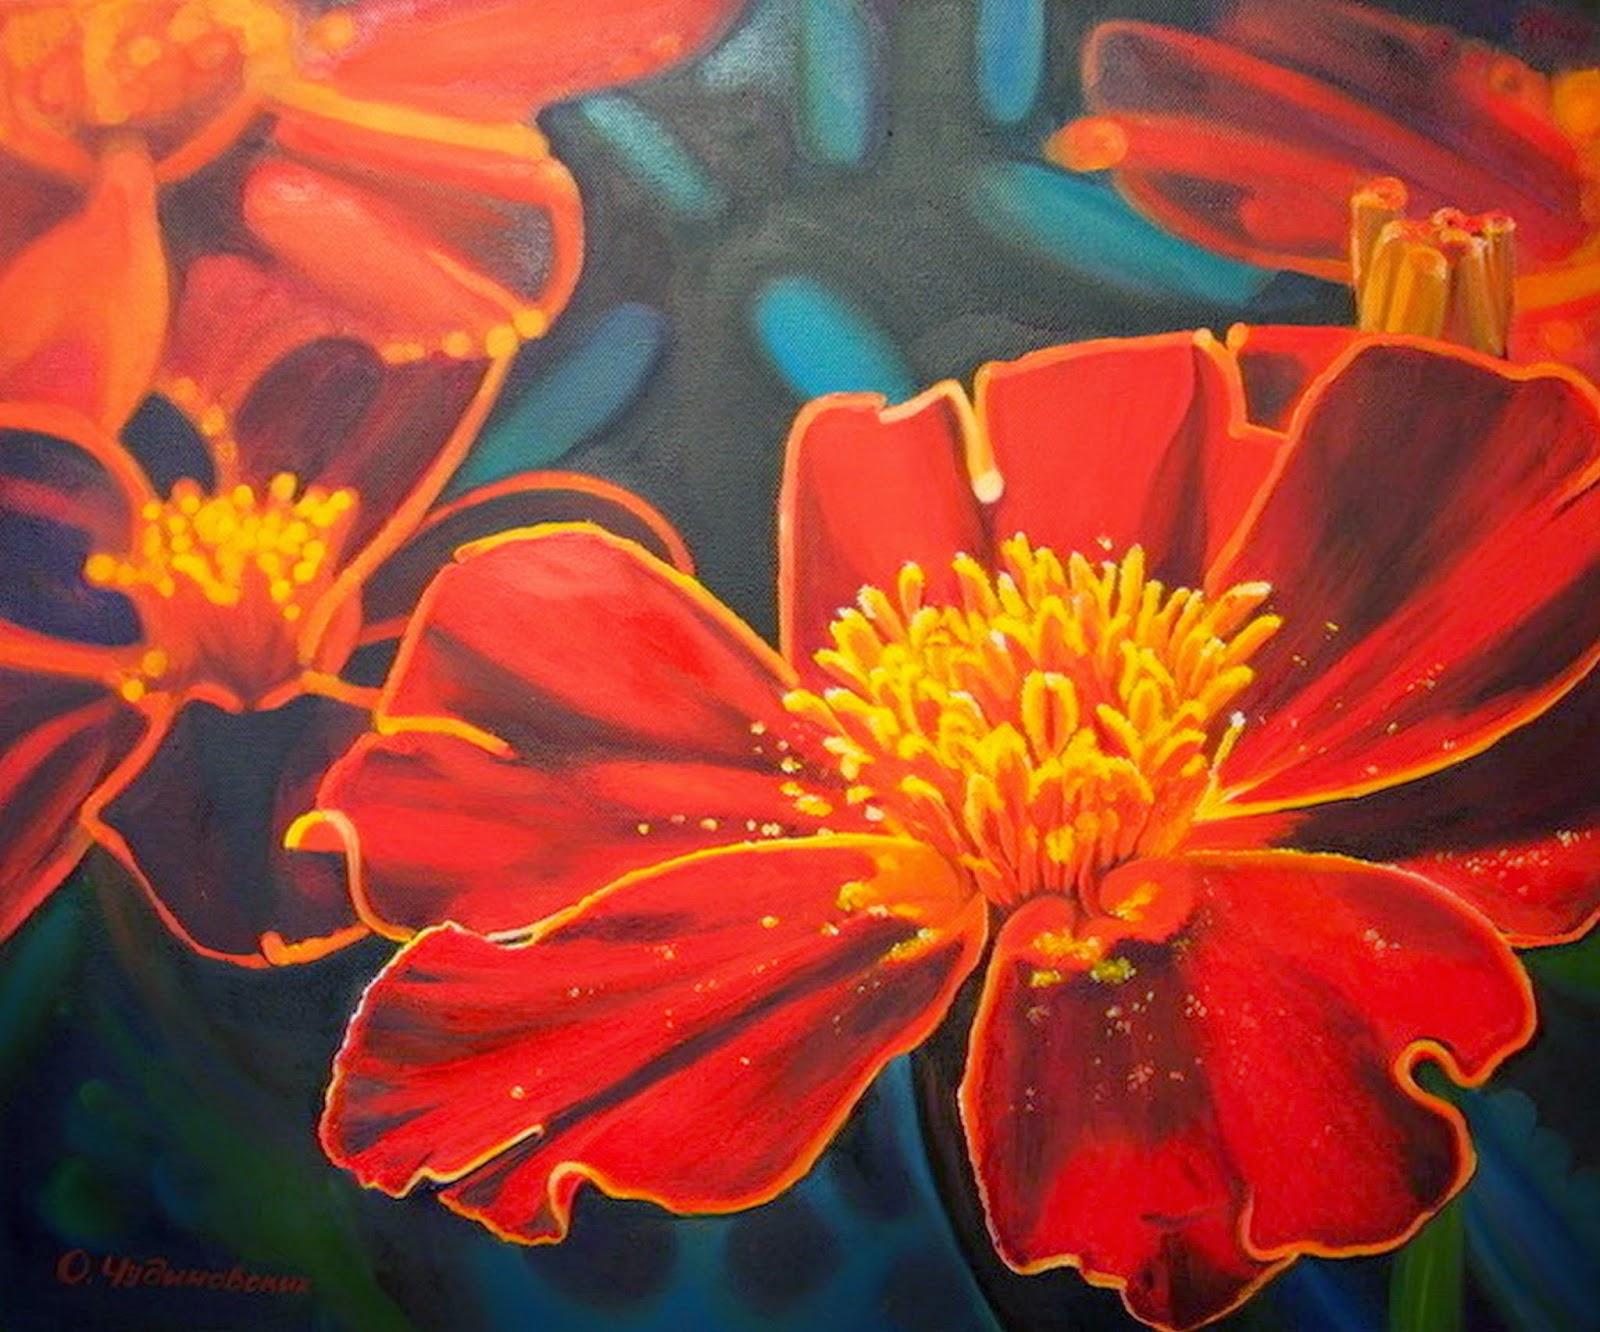 fotos-de-flores-en-plantas-pinturas-decorativas